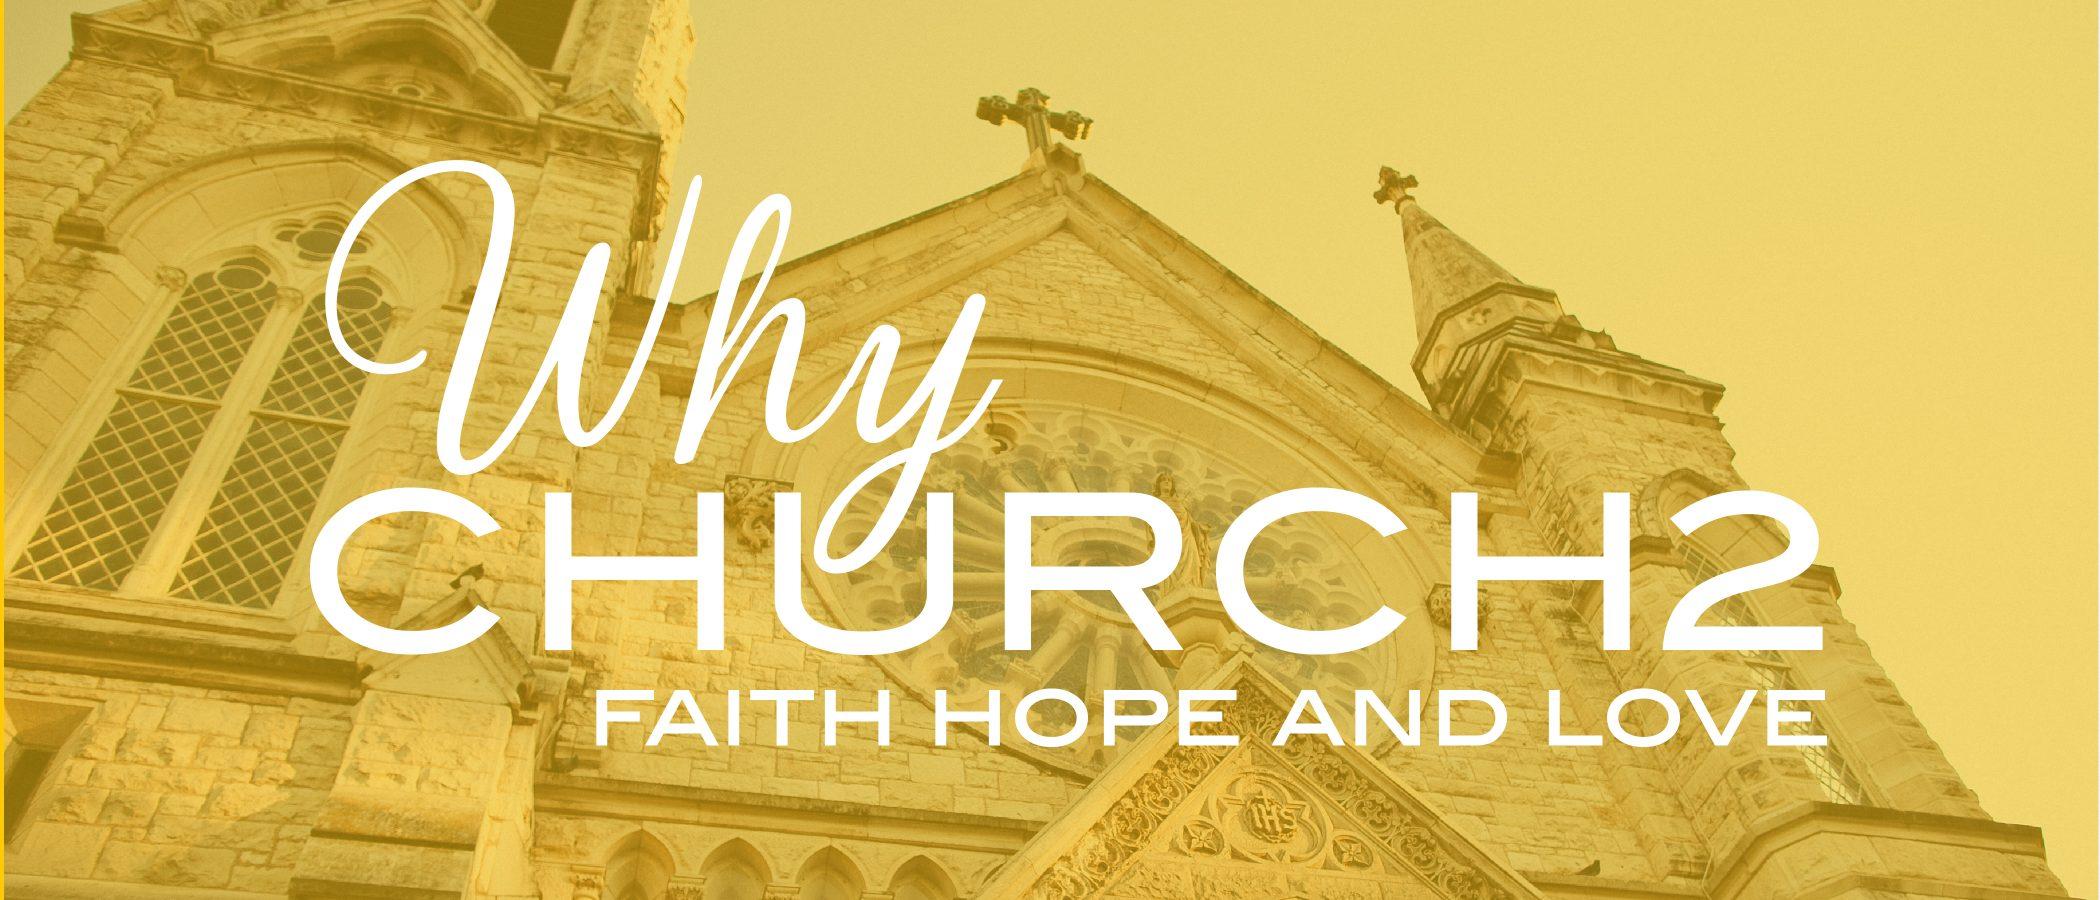 why-church-series-dq11brd-dq2021_why-church2-faith-hope-love2x-100